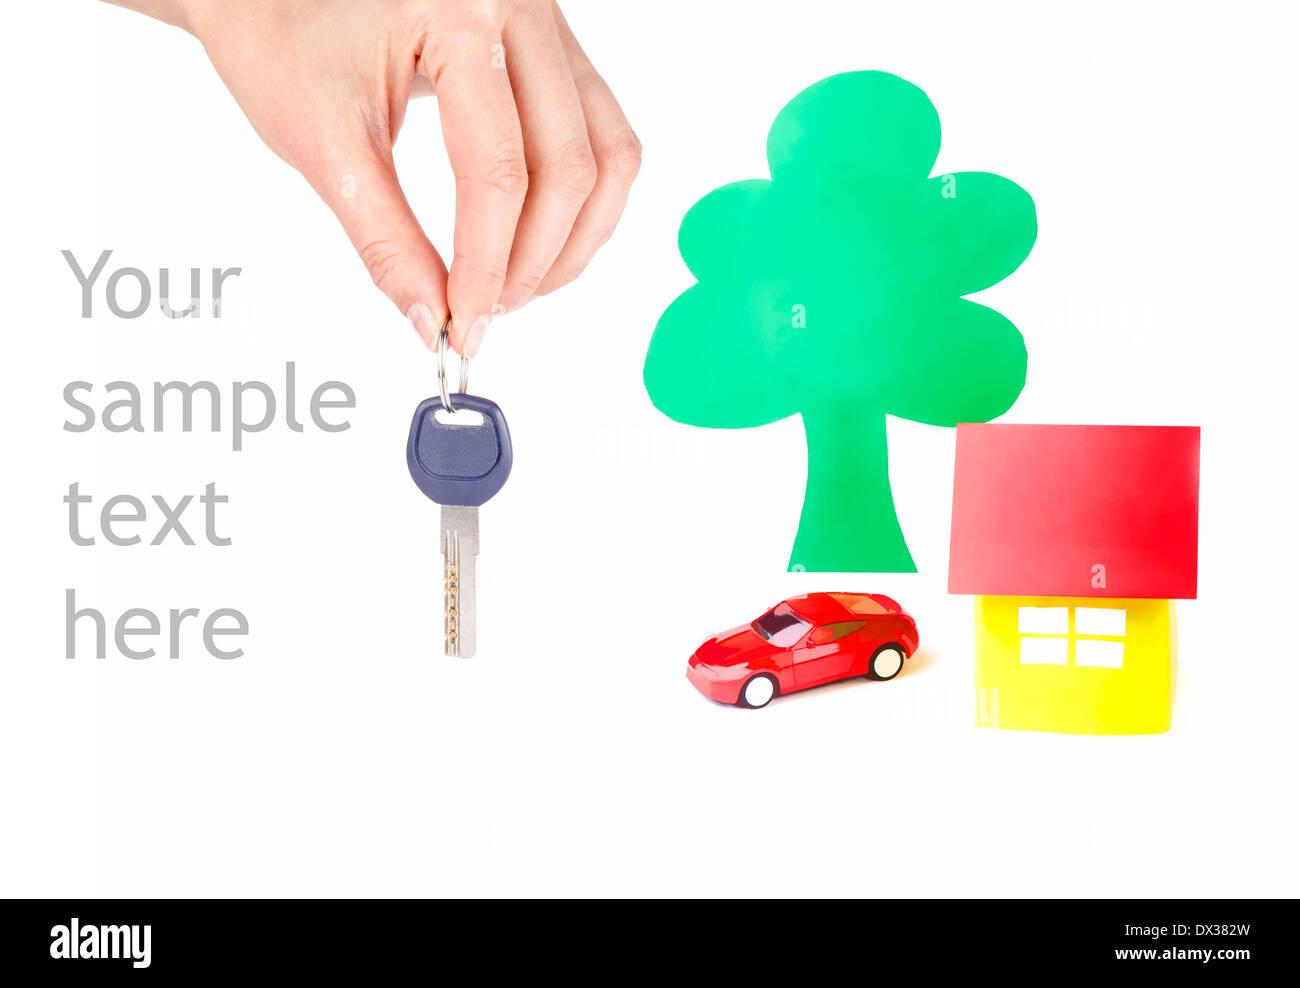 Car Design Drawings Stockfotos & Car Design Drawings Bilder - Alamy